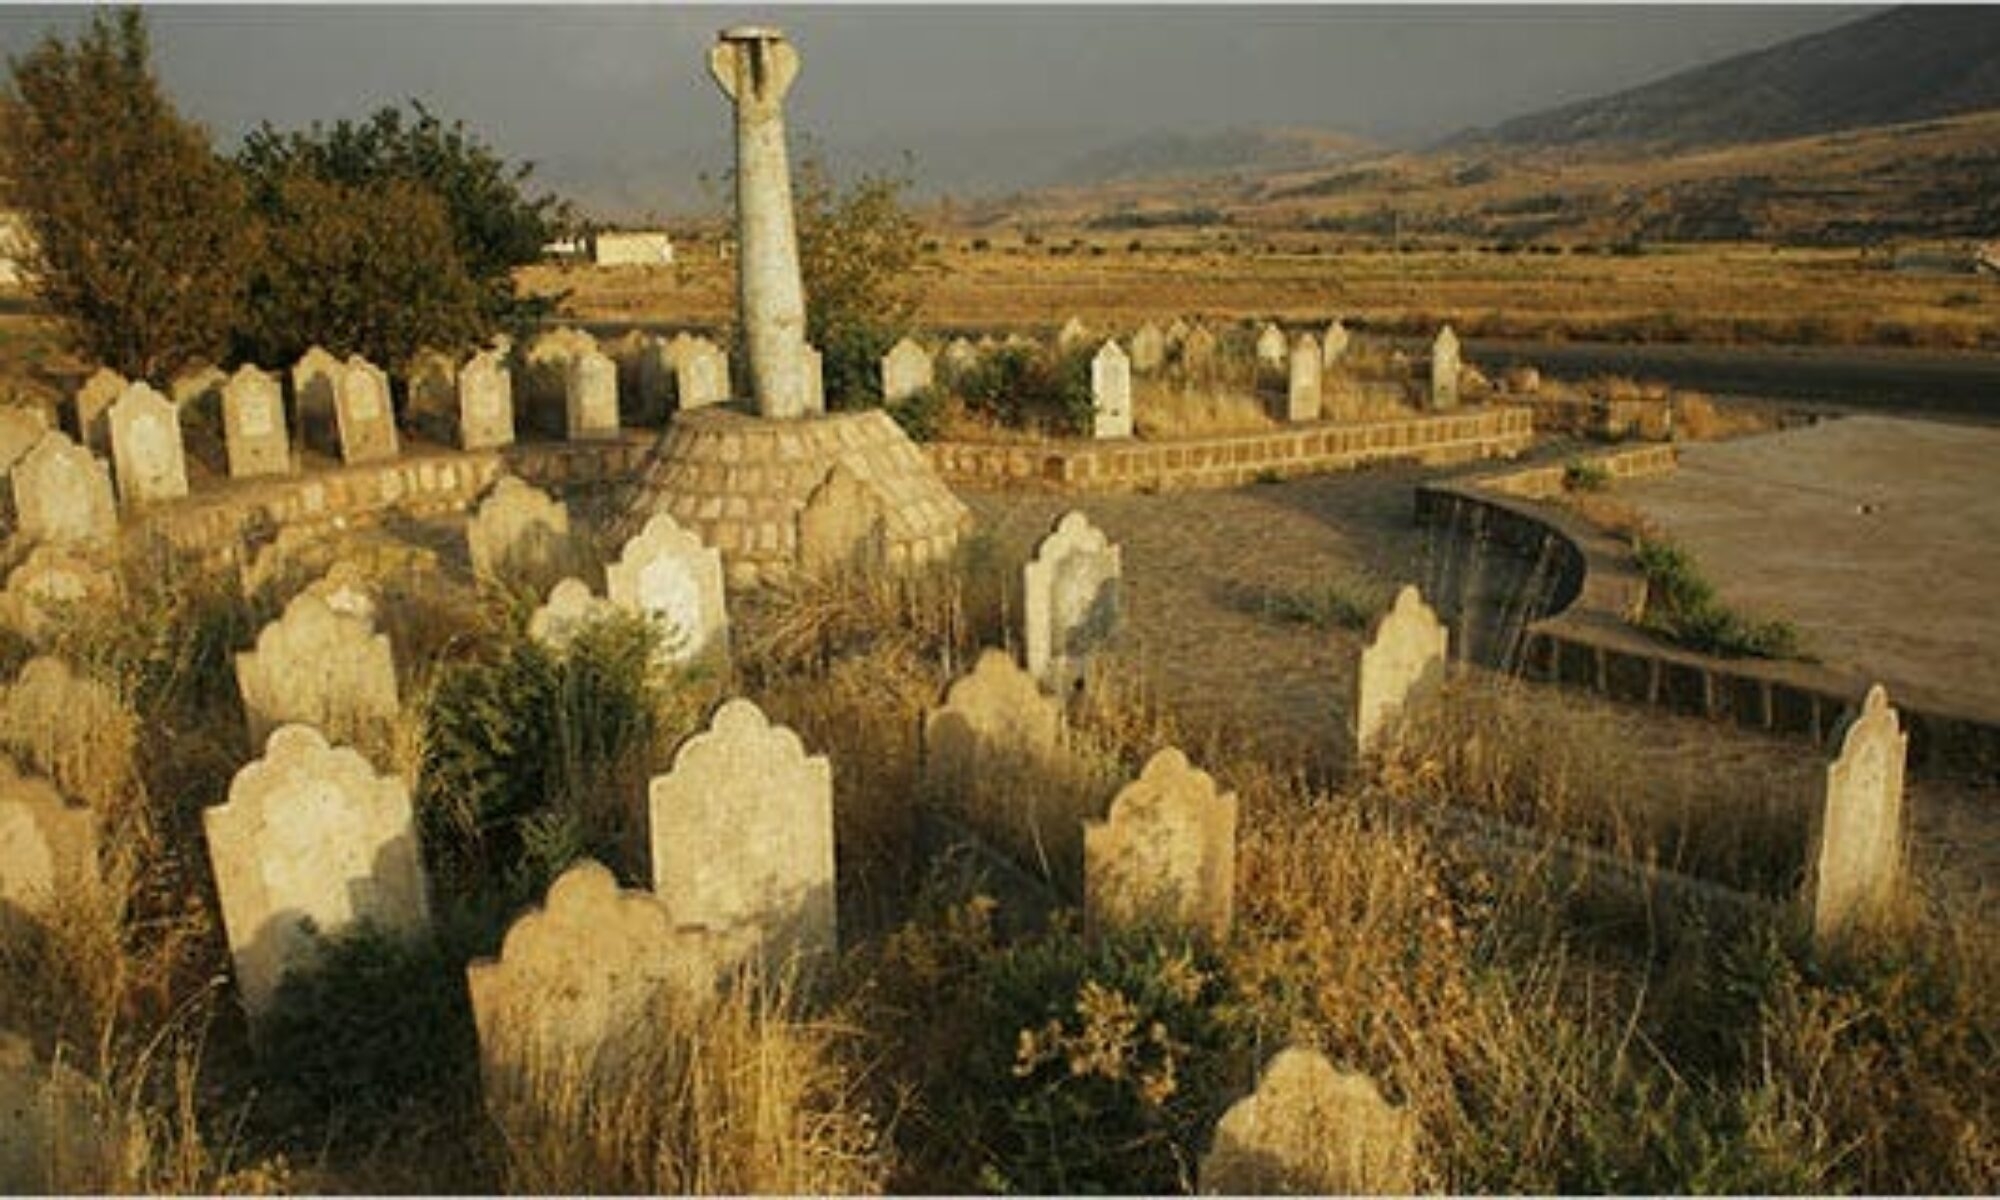 Baas rejiminin kimyasalla saldırdığı Sêwsênan köyü katlimanın üstünden 33 yıl geçti